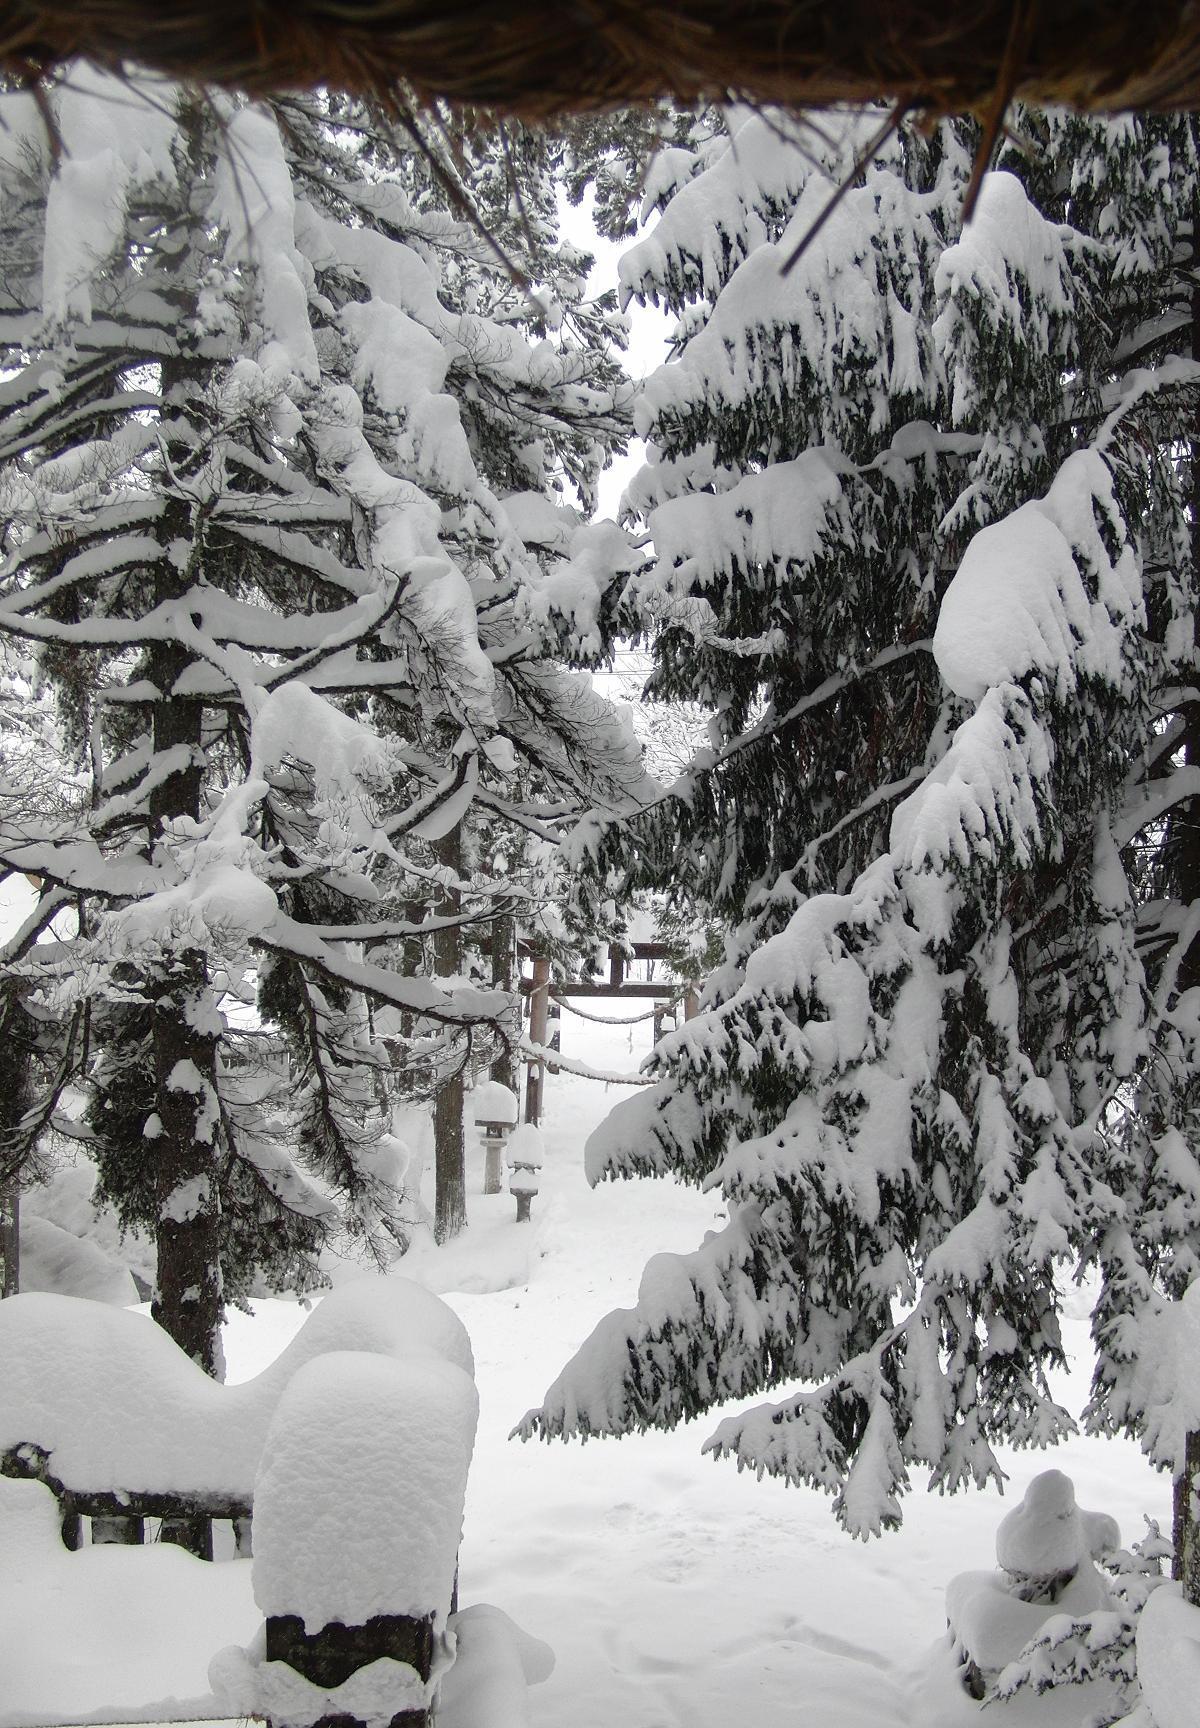 白馬と諏訪旅行2009年12月17日から20日 213